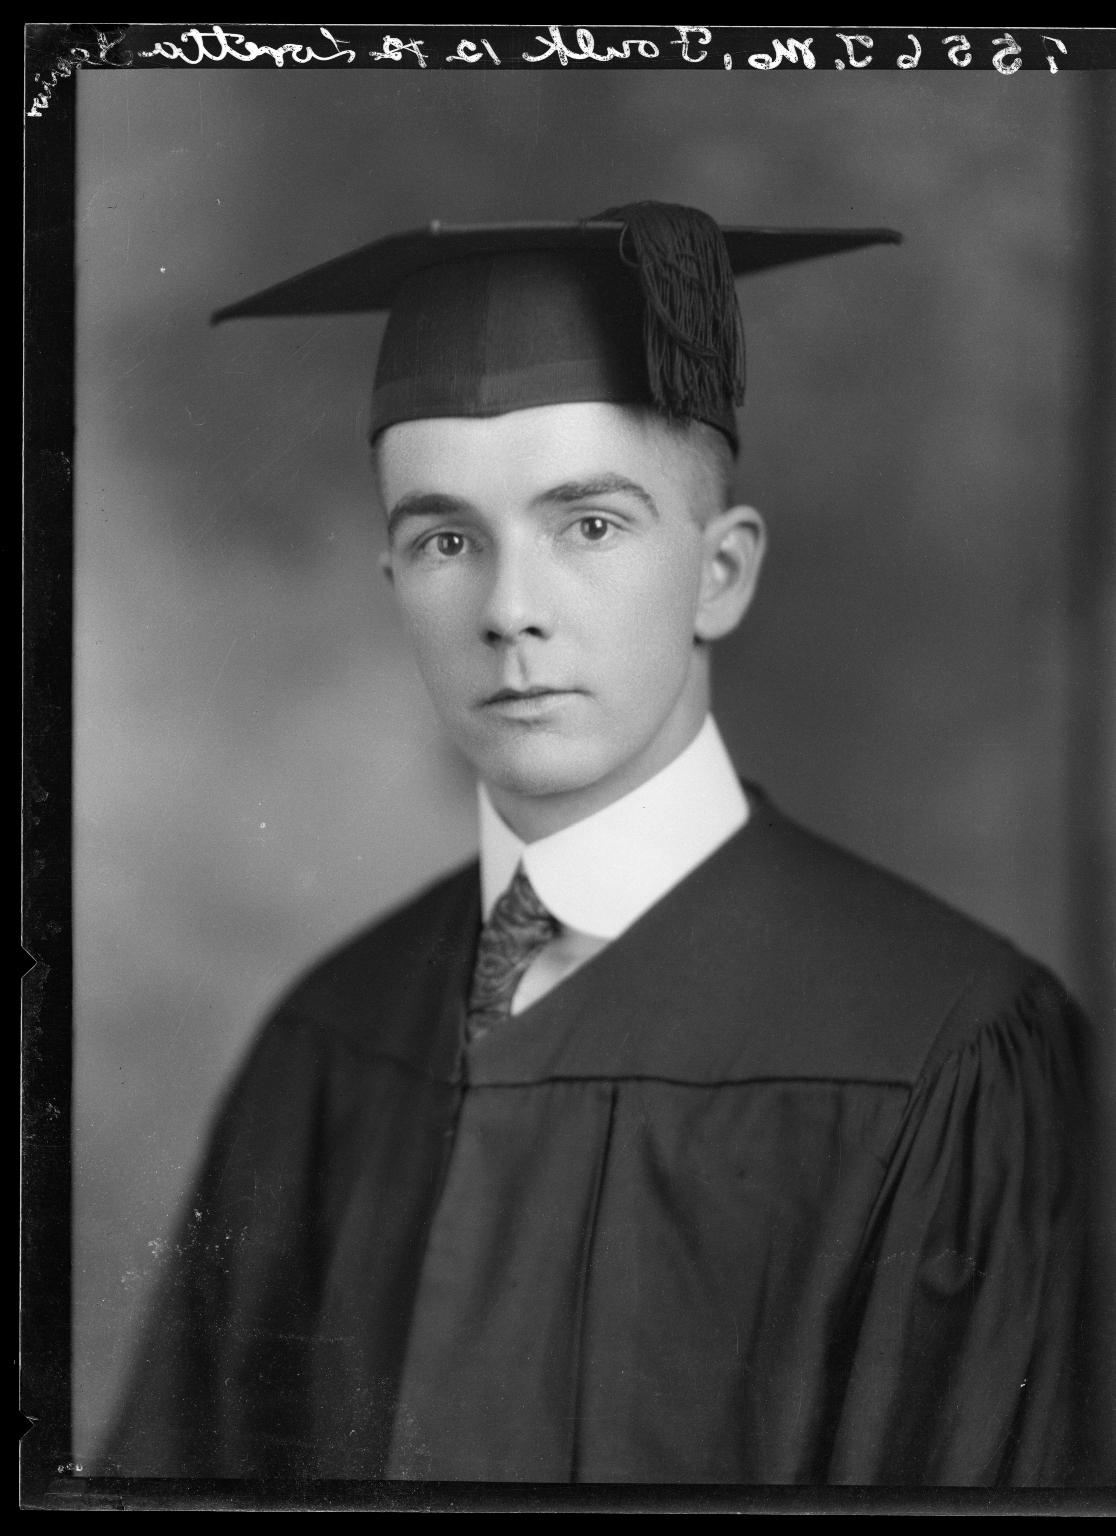 Portraits of T. M. Foulk